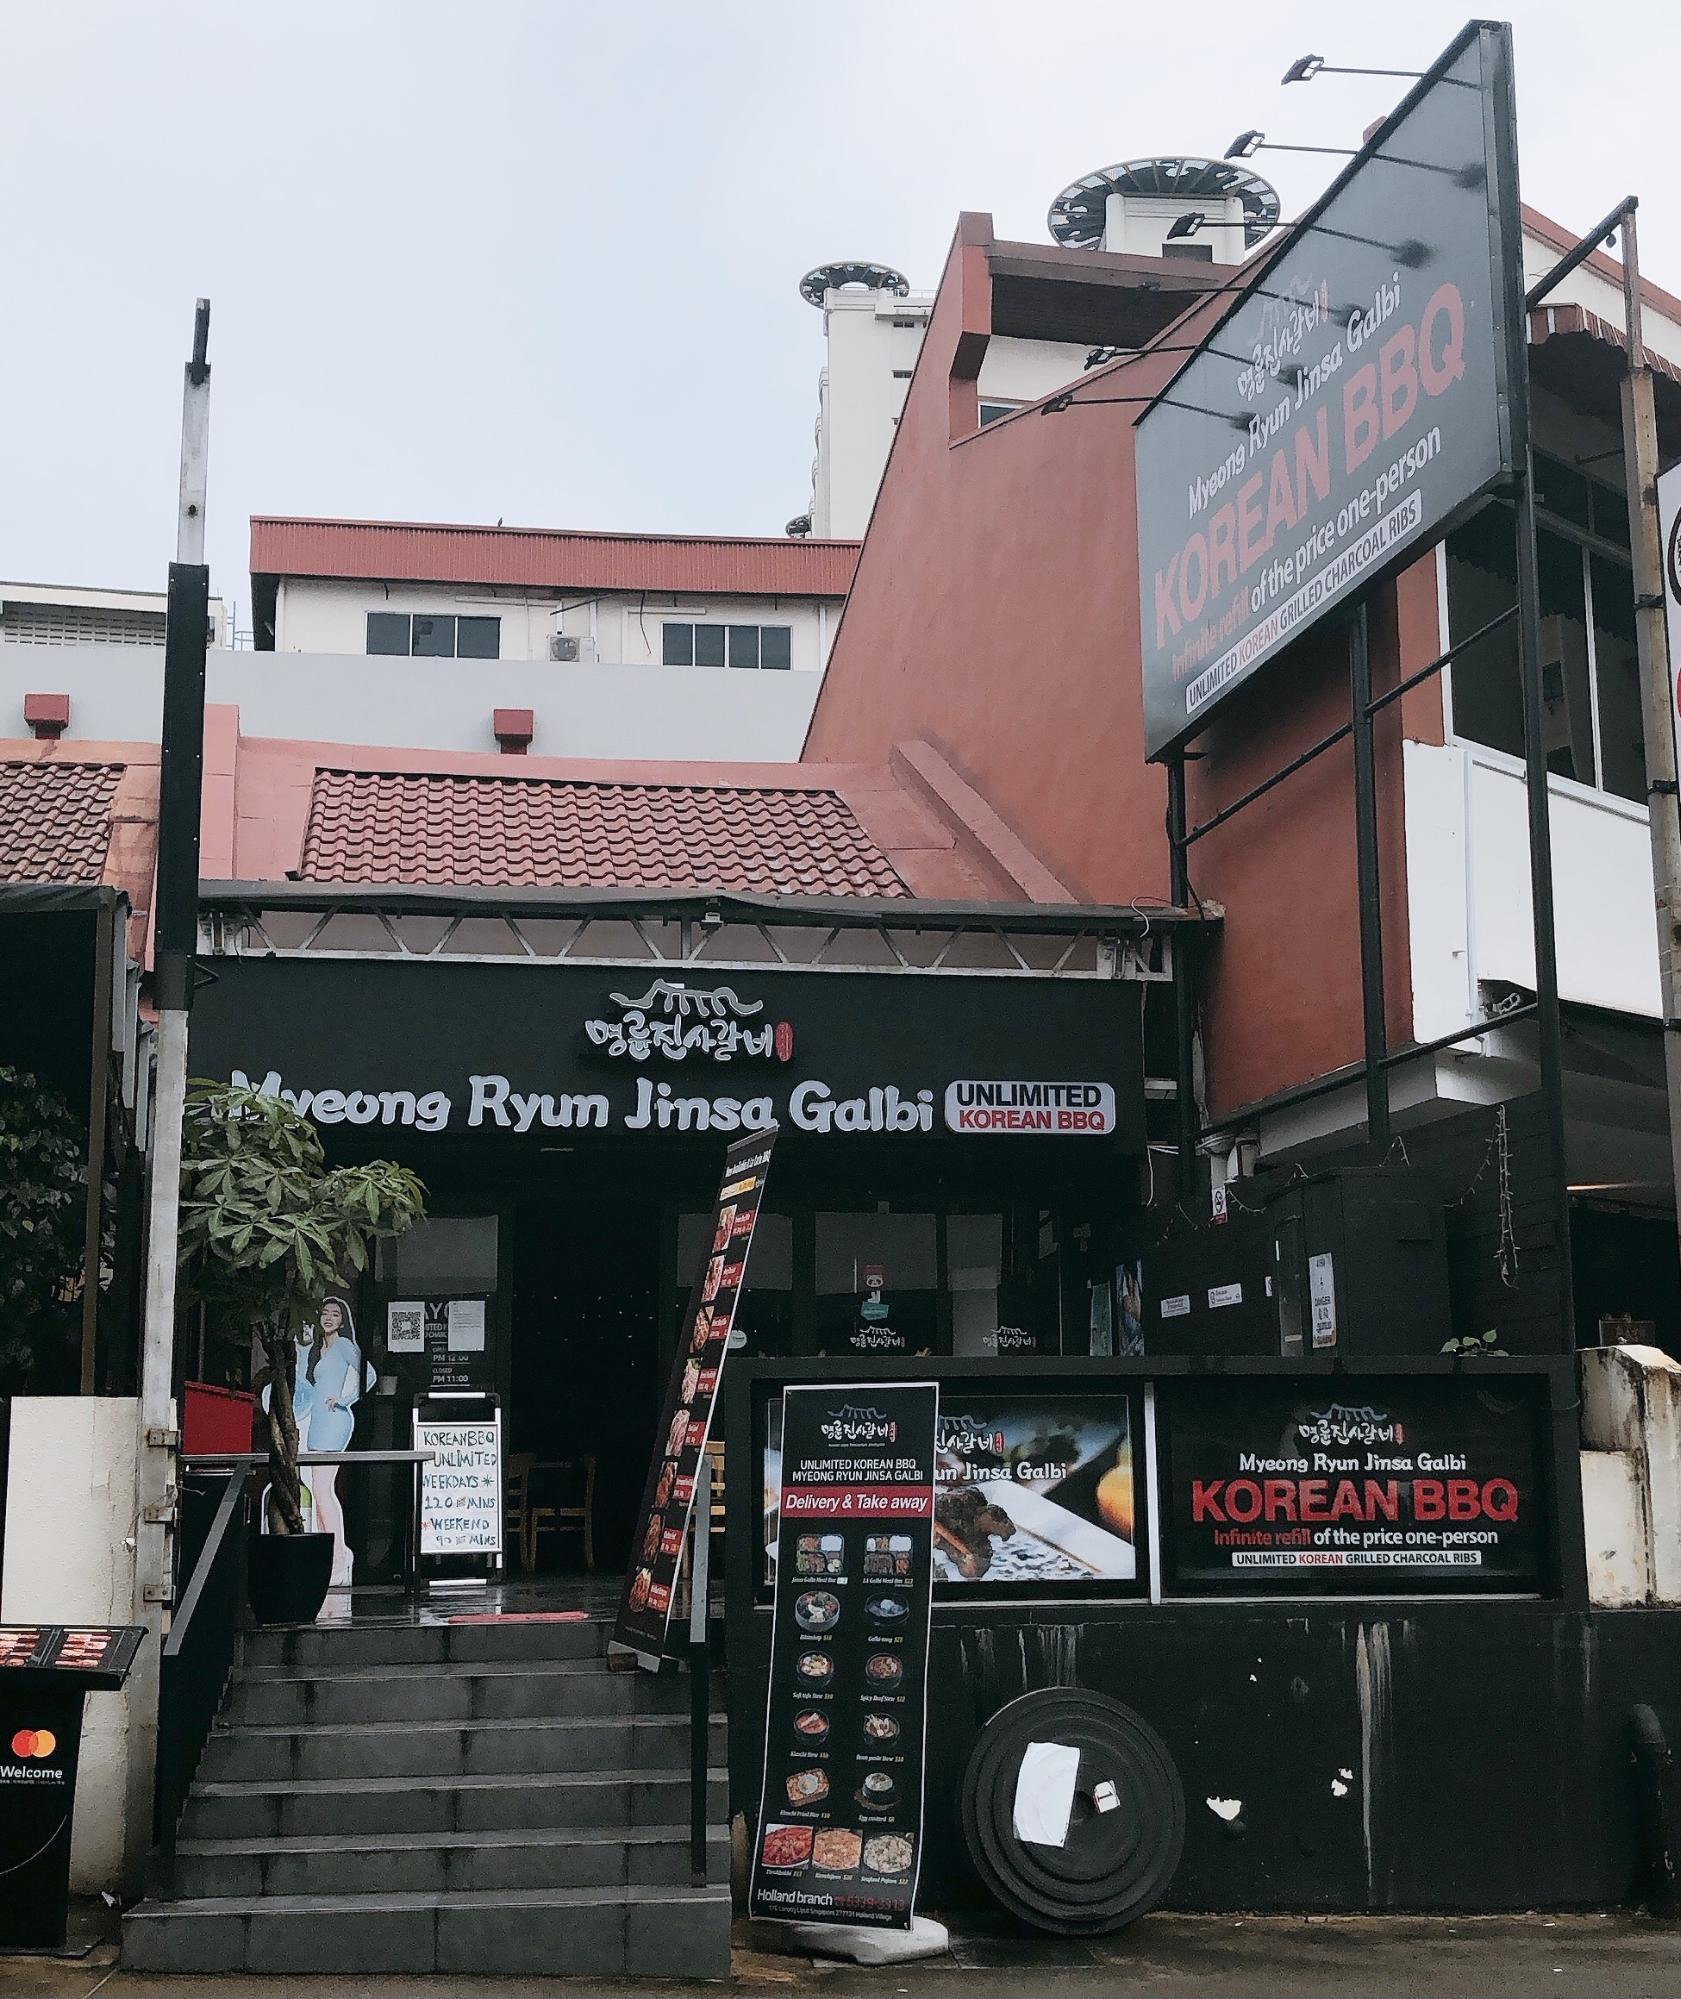 【コスパ抜群】韓国で大人気の食べ放題焼肉レストランがシンガポールに初進出。ランチ$23から